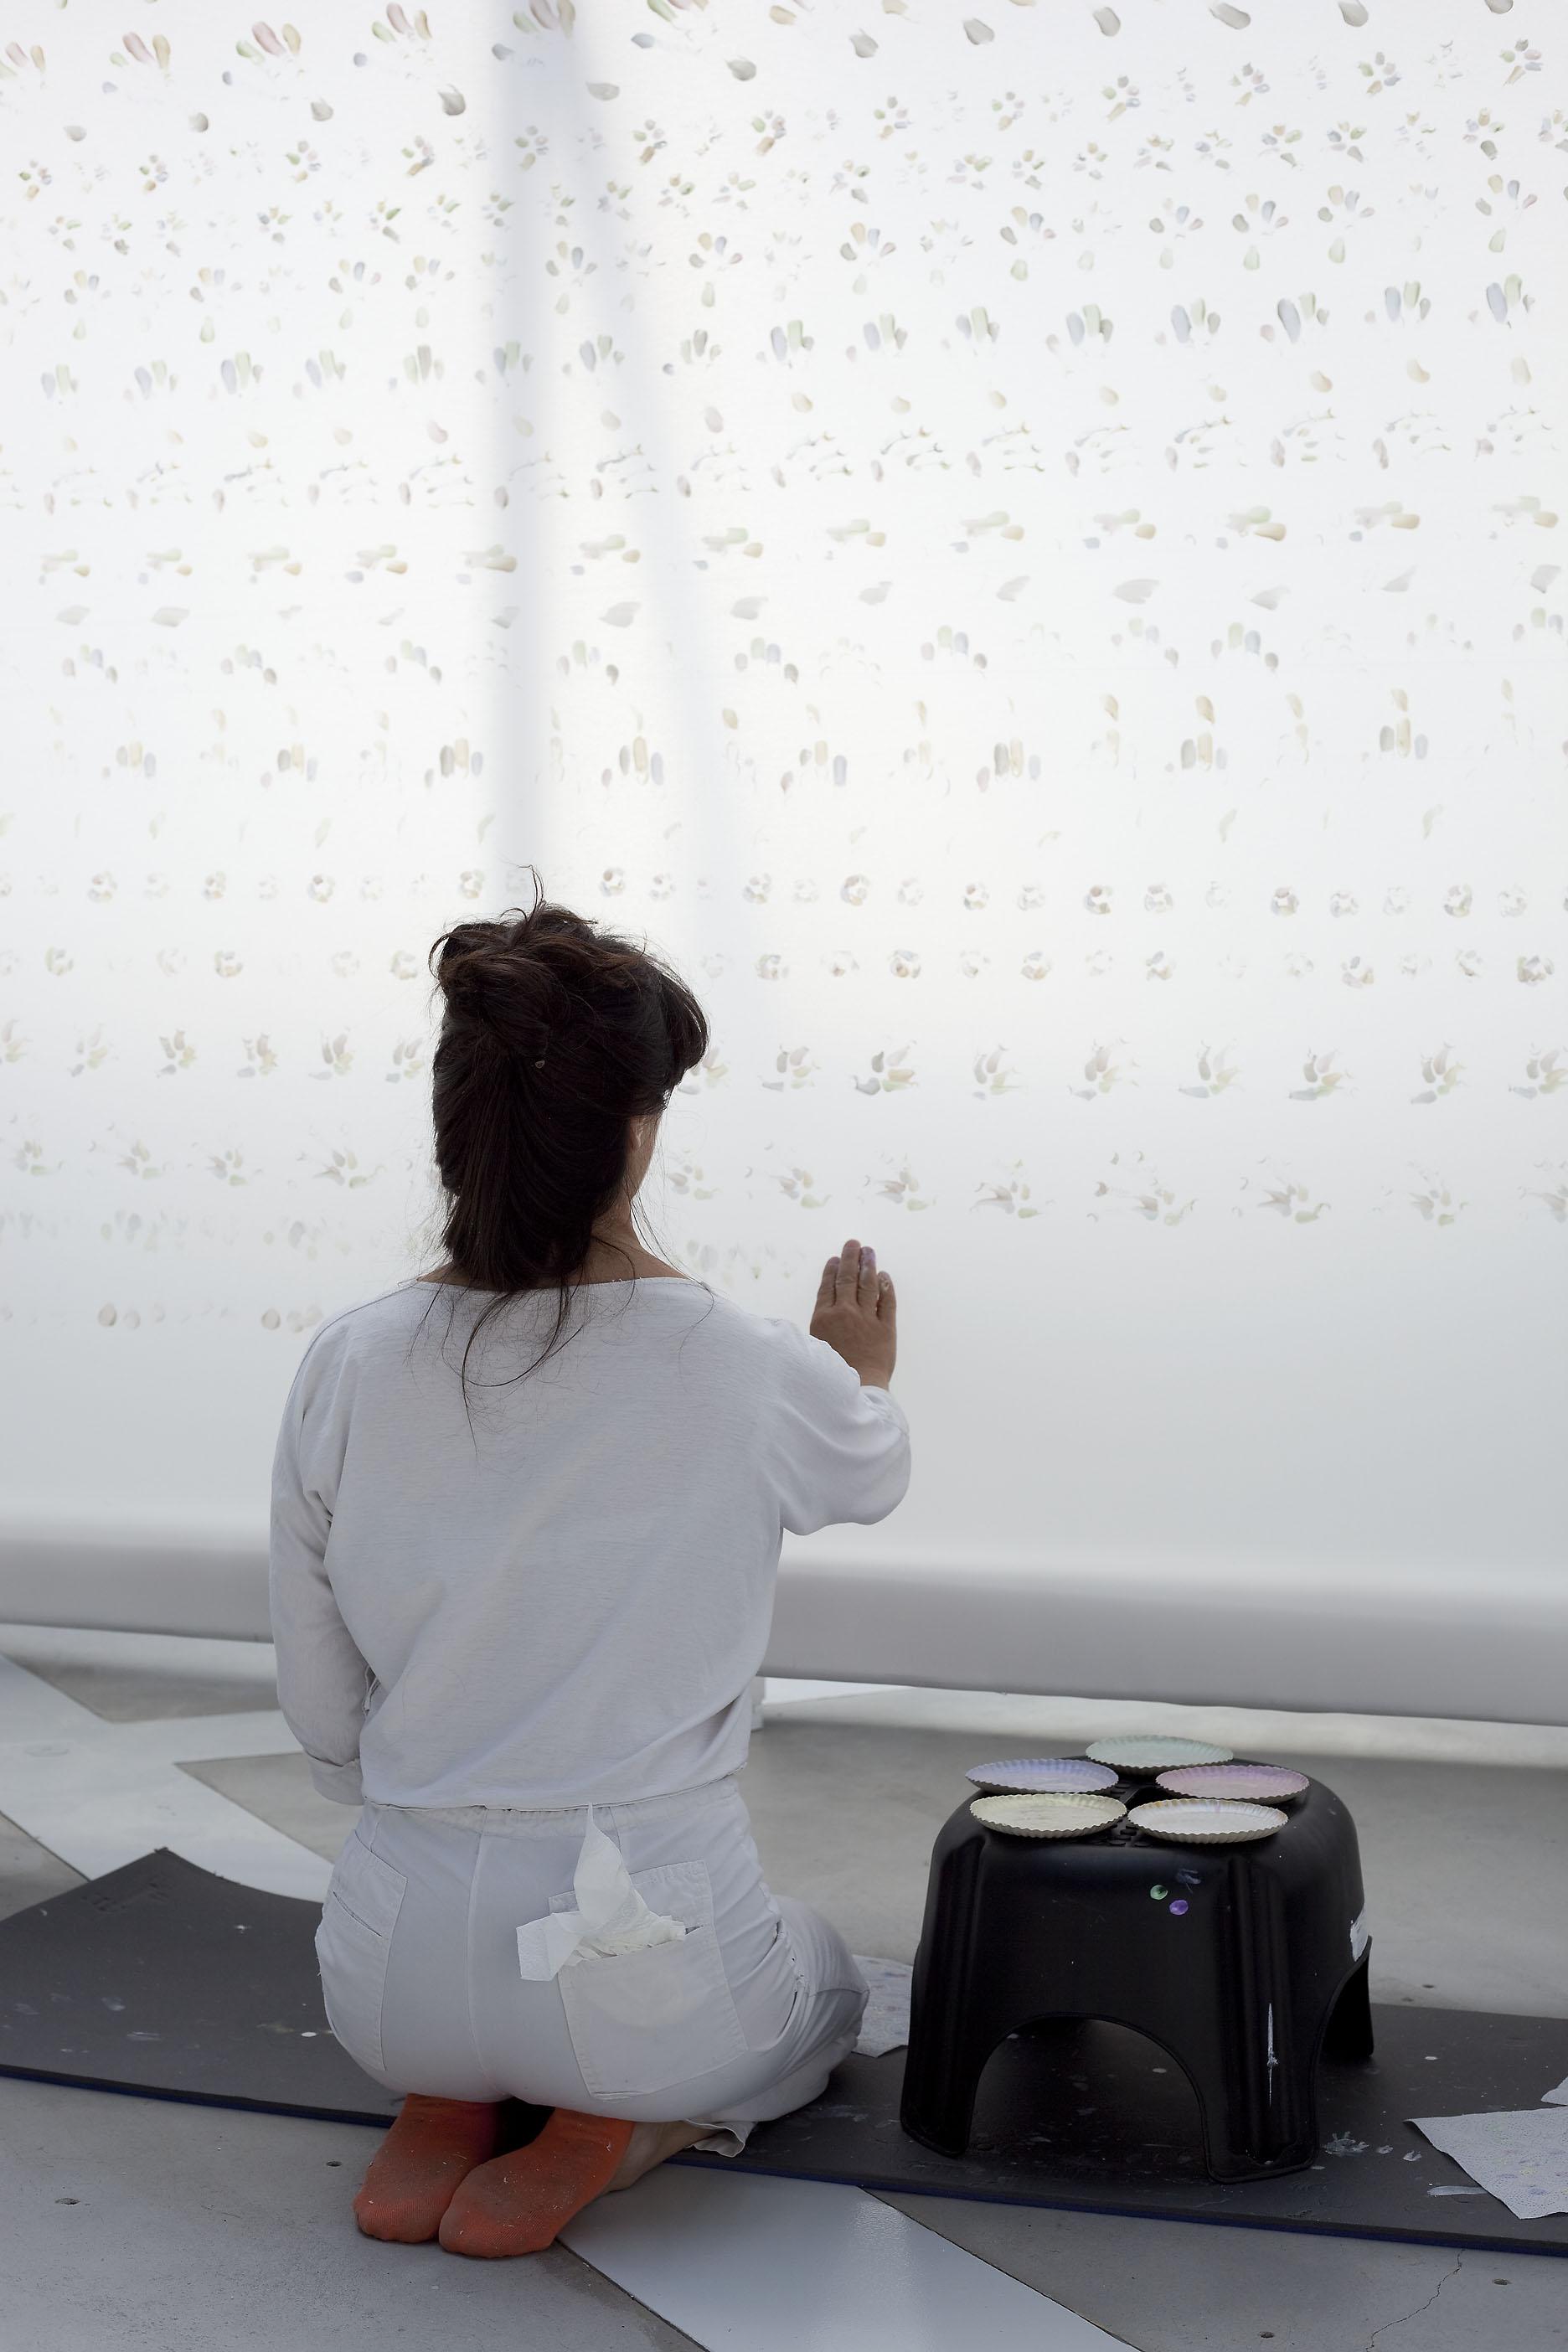 Exposition Aïda Kazarian, La Verrière, Fondation d'entreprise Hermès, 2009